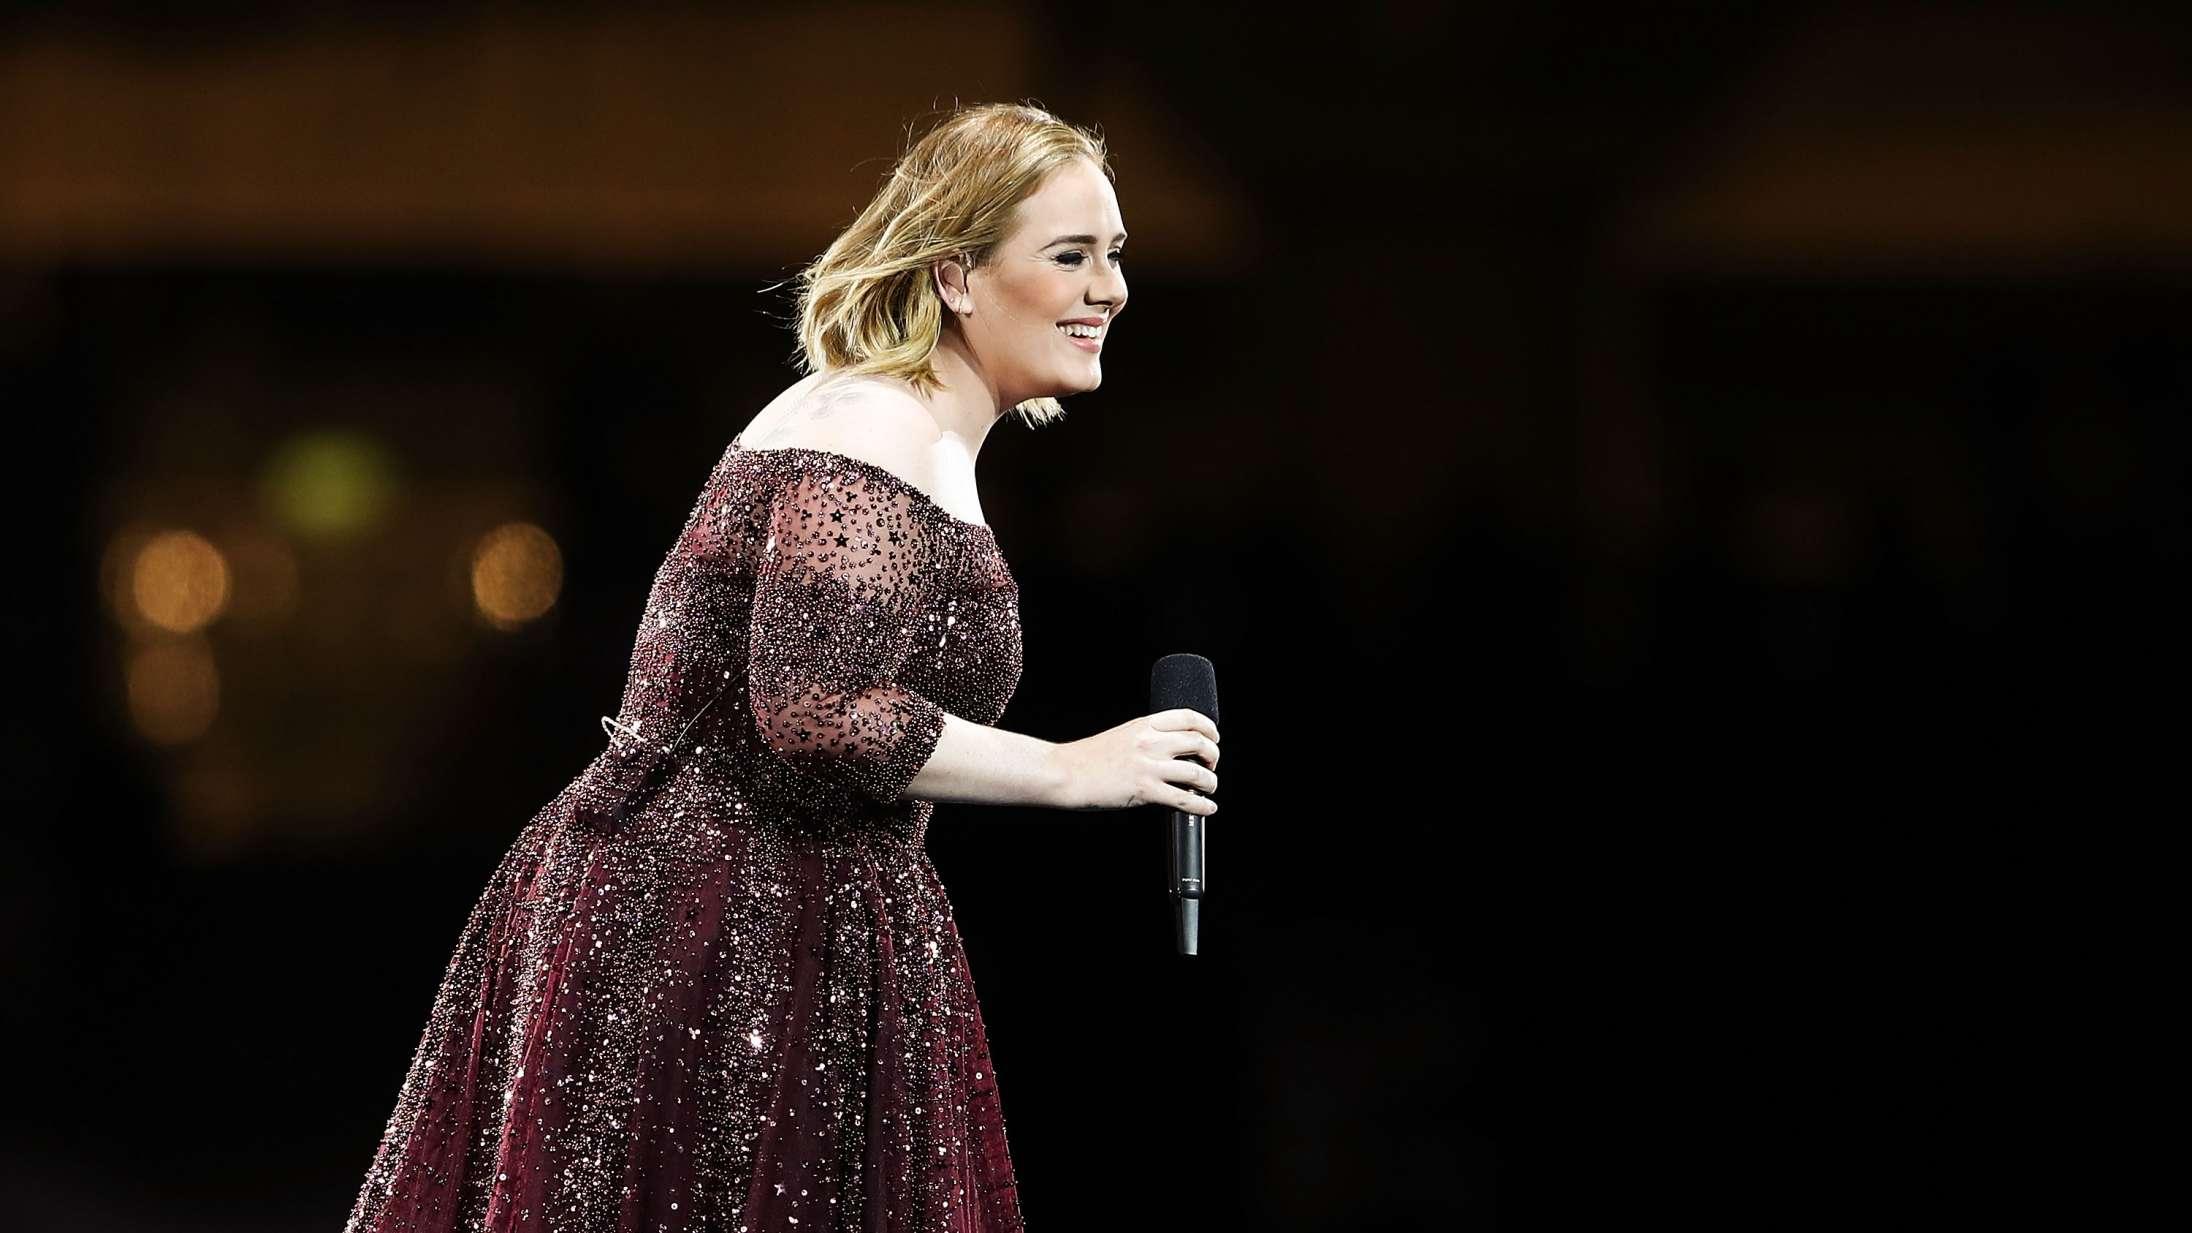 Adele afslører udgivelsesdato for sit nye album '30'